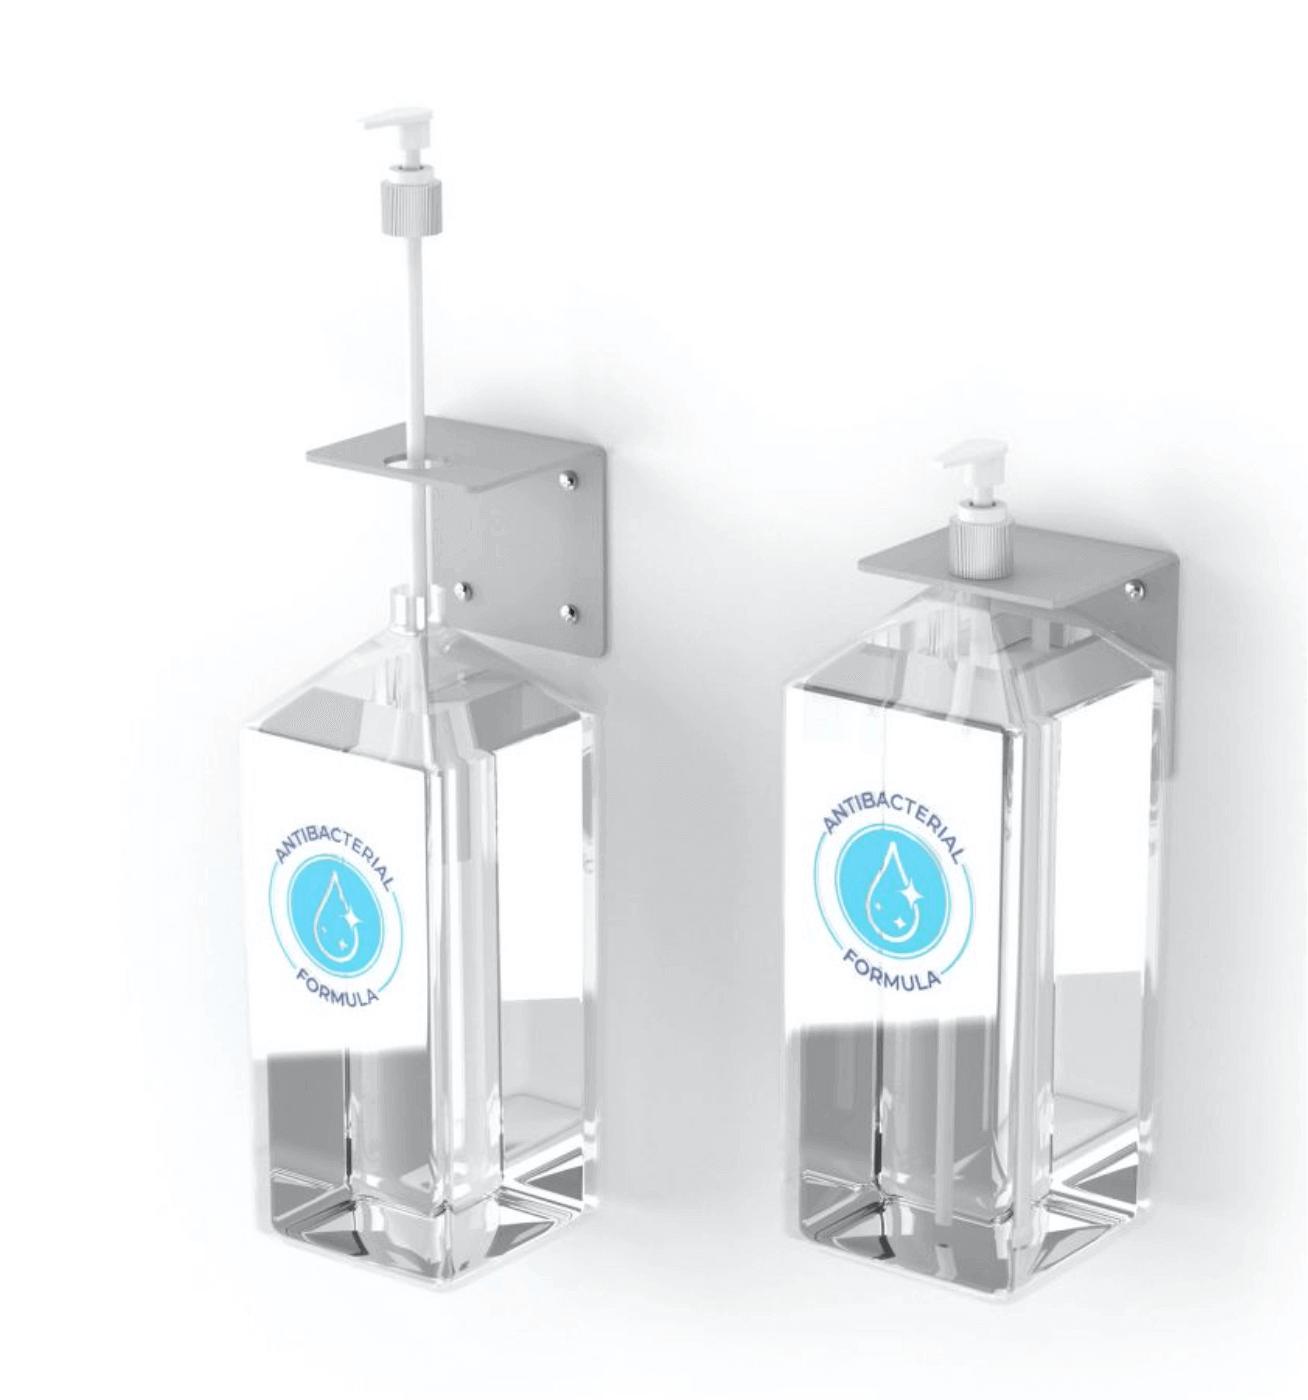 Wall Mounted Hand Sanitizer Pump Dispenser